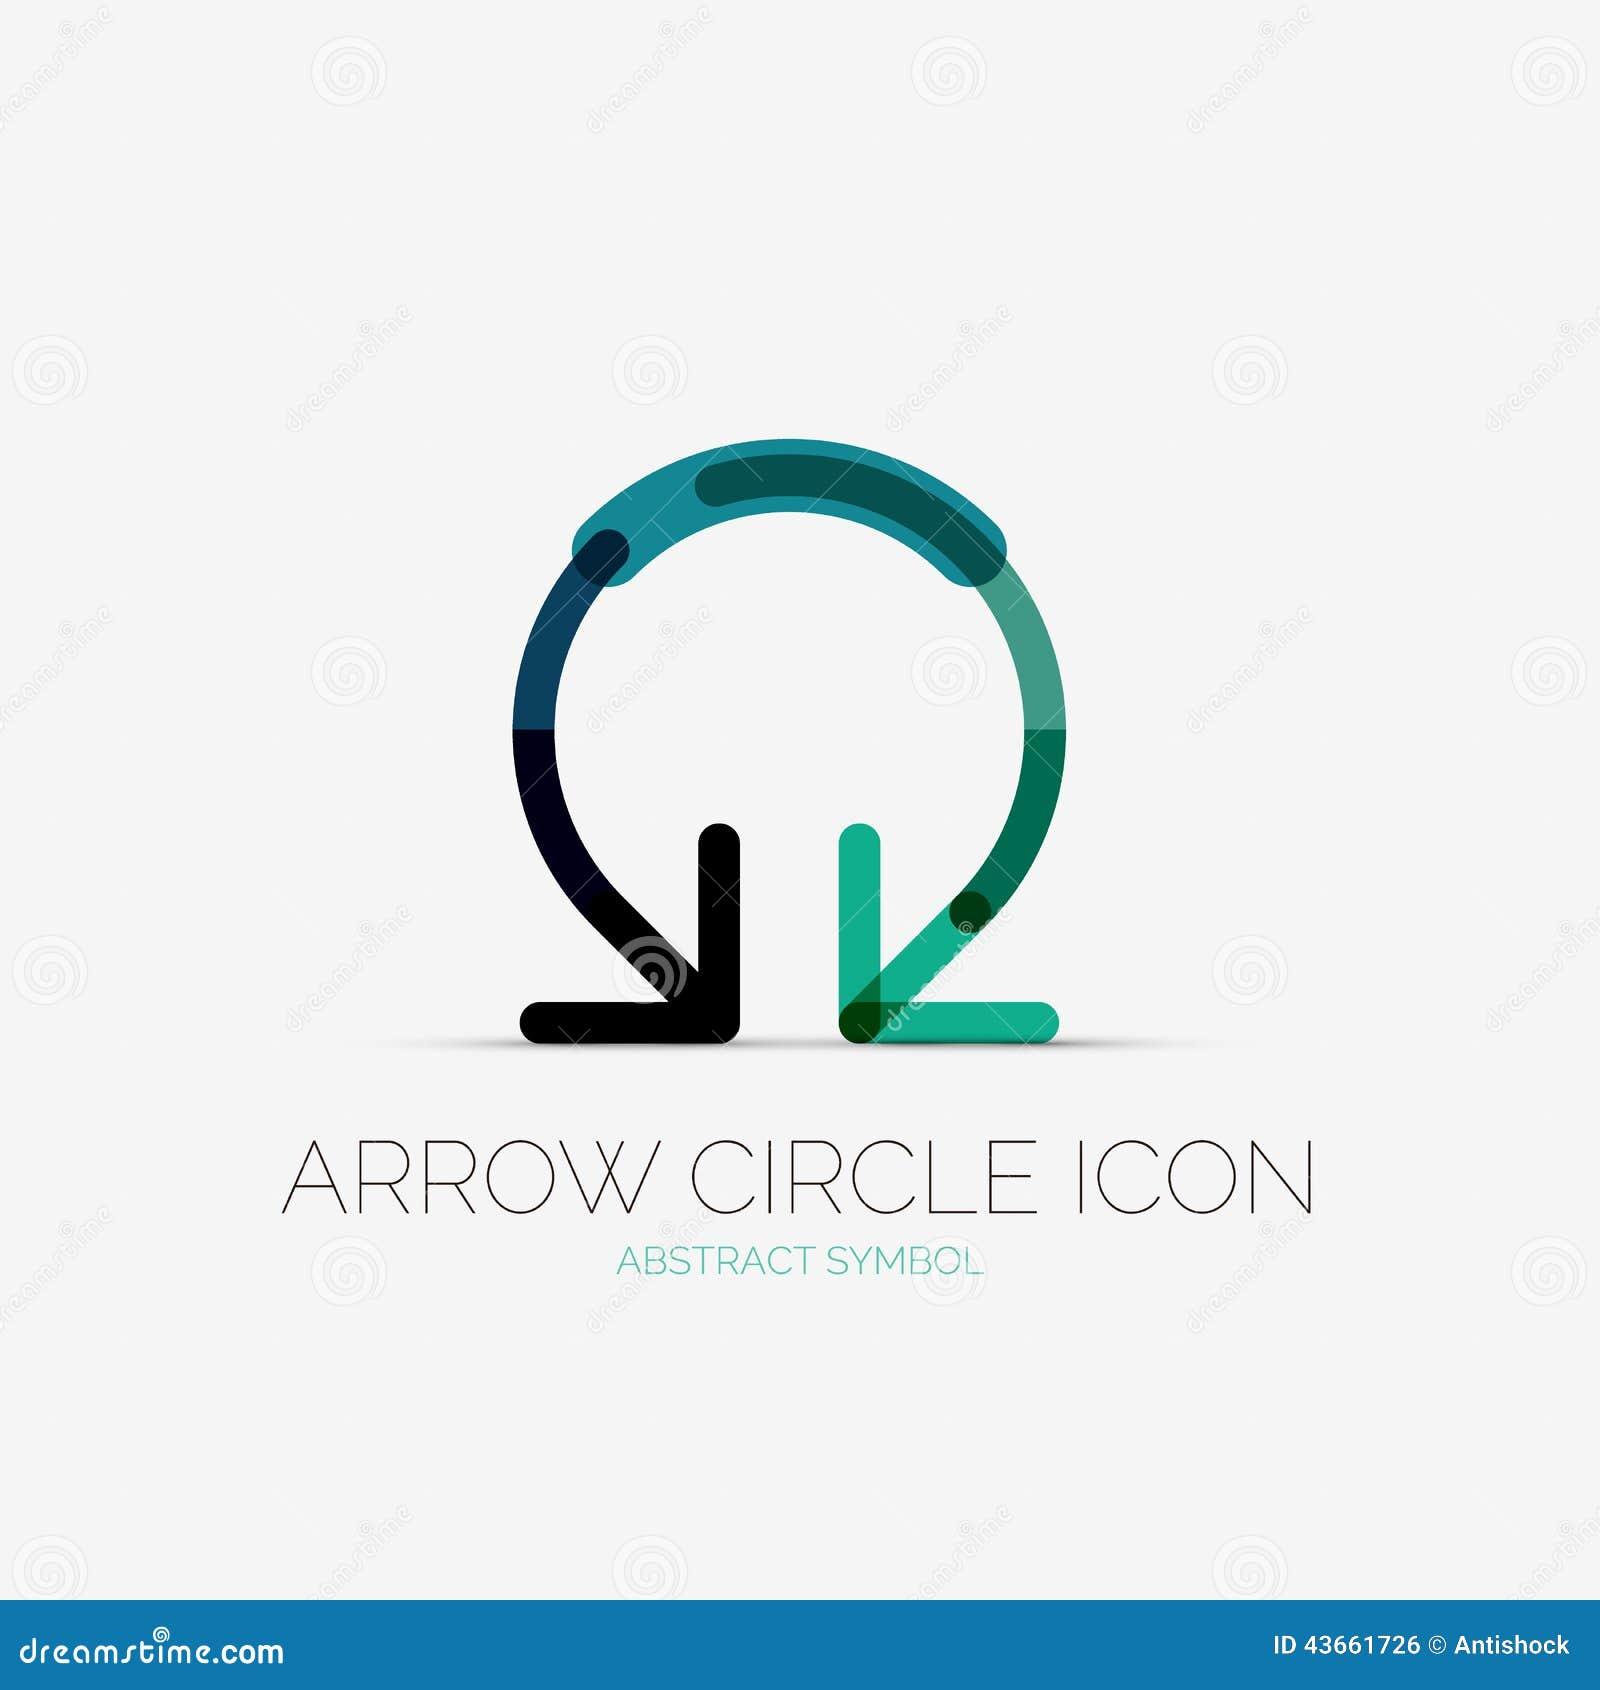 Arrow Circle Icon Company Logo, Business Concept Stock